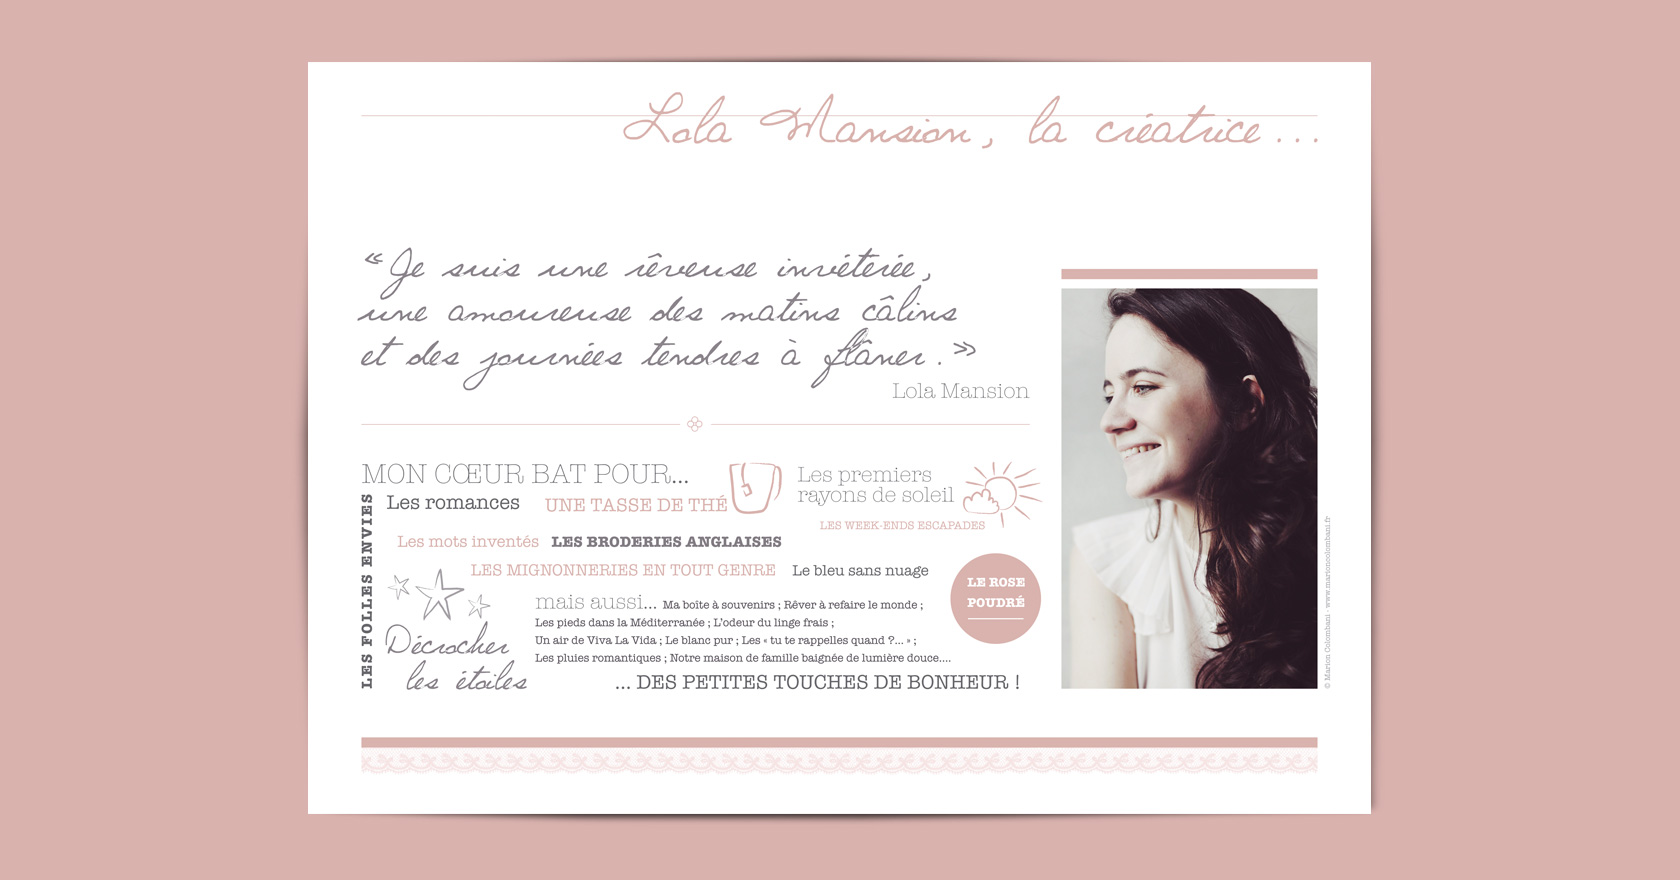 événement TEA TIME - création emailing - save the date - invitation- Atelier des precieuses - WALA STUDIO GRAPHIQUE